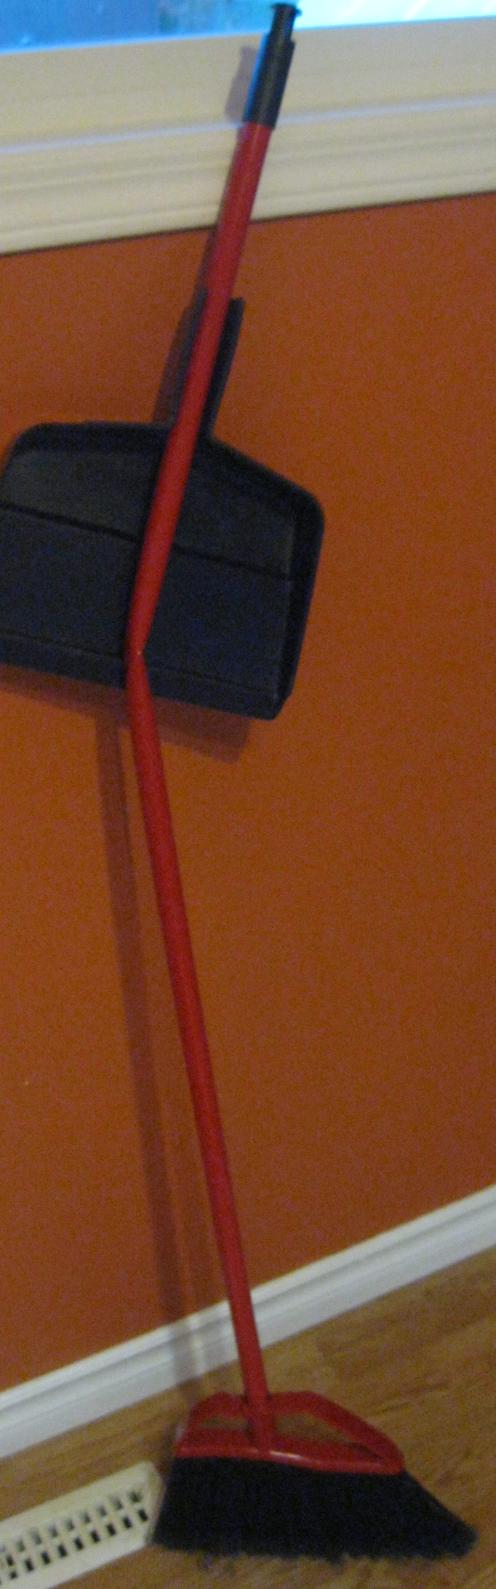 Bent Broom